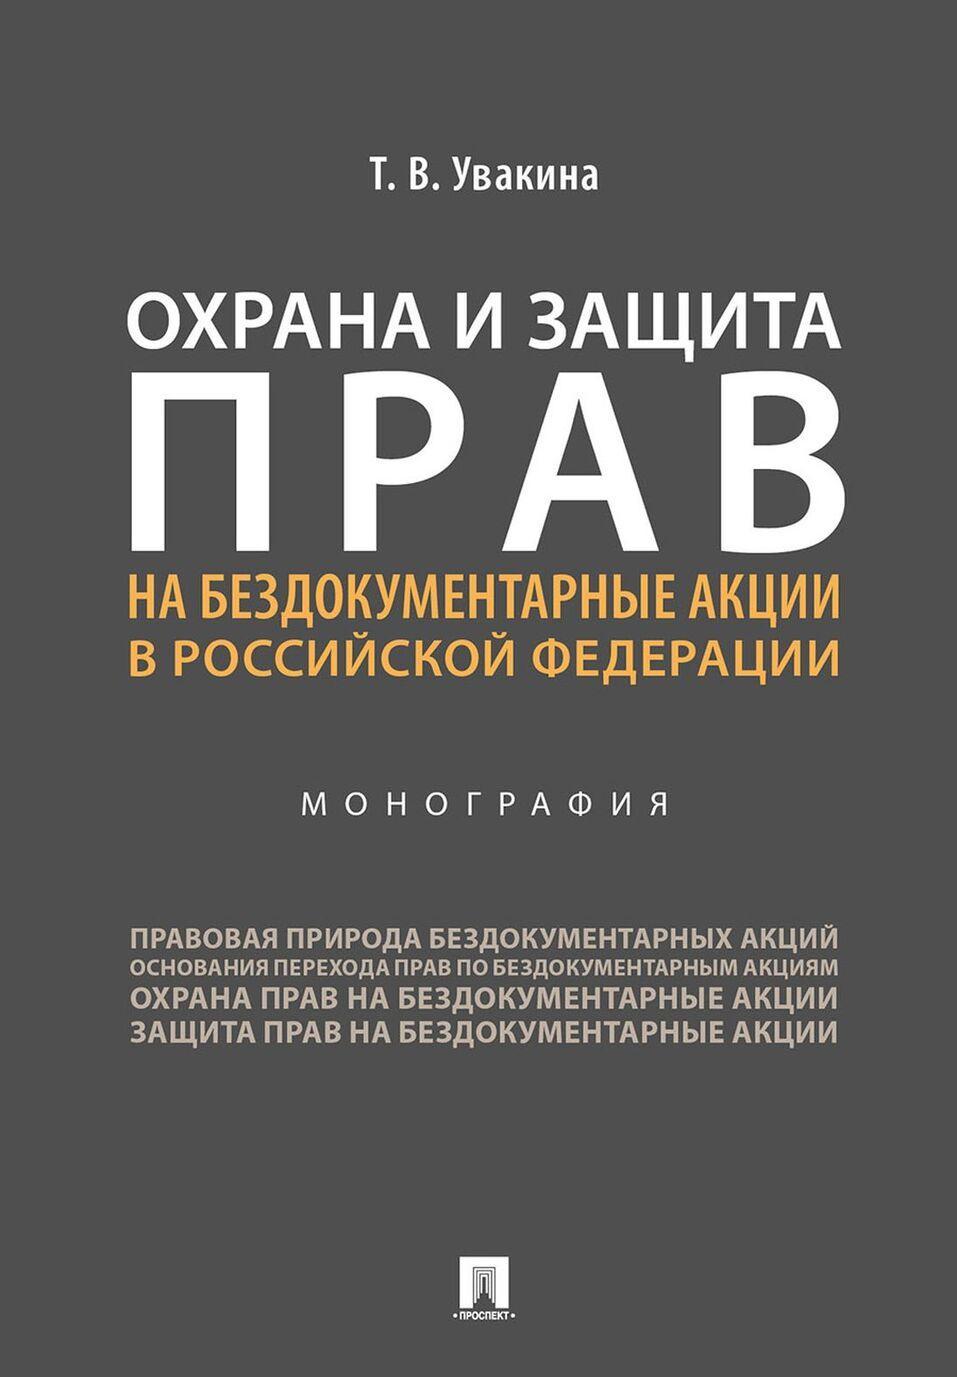 Okhrana i zaschita prav na bezdokumentarnye aktsii v Rossijskoj Federatsii.Monografija.